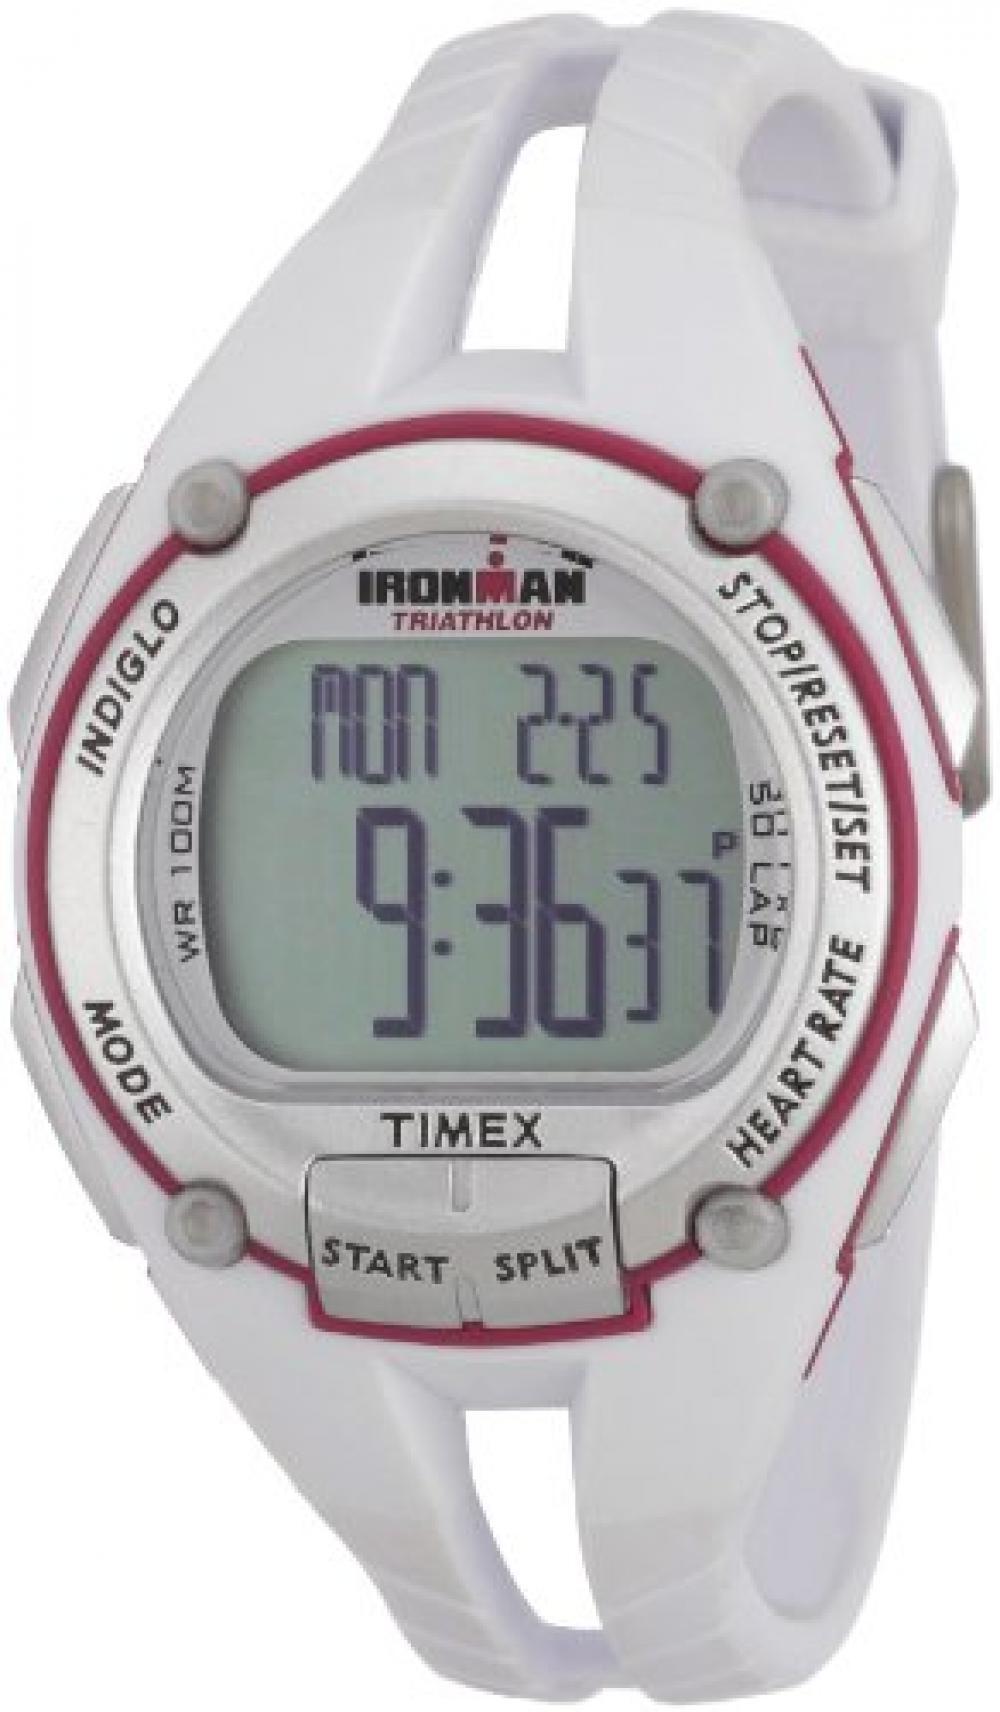 Spuri Futóbolt - akciós Timex pulzusmérős órák - Futanet.hu 9af2547498